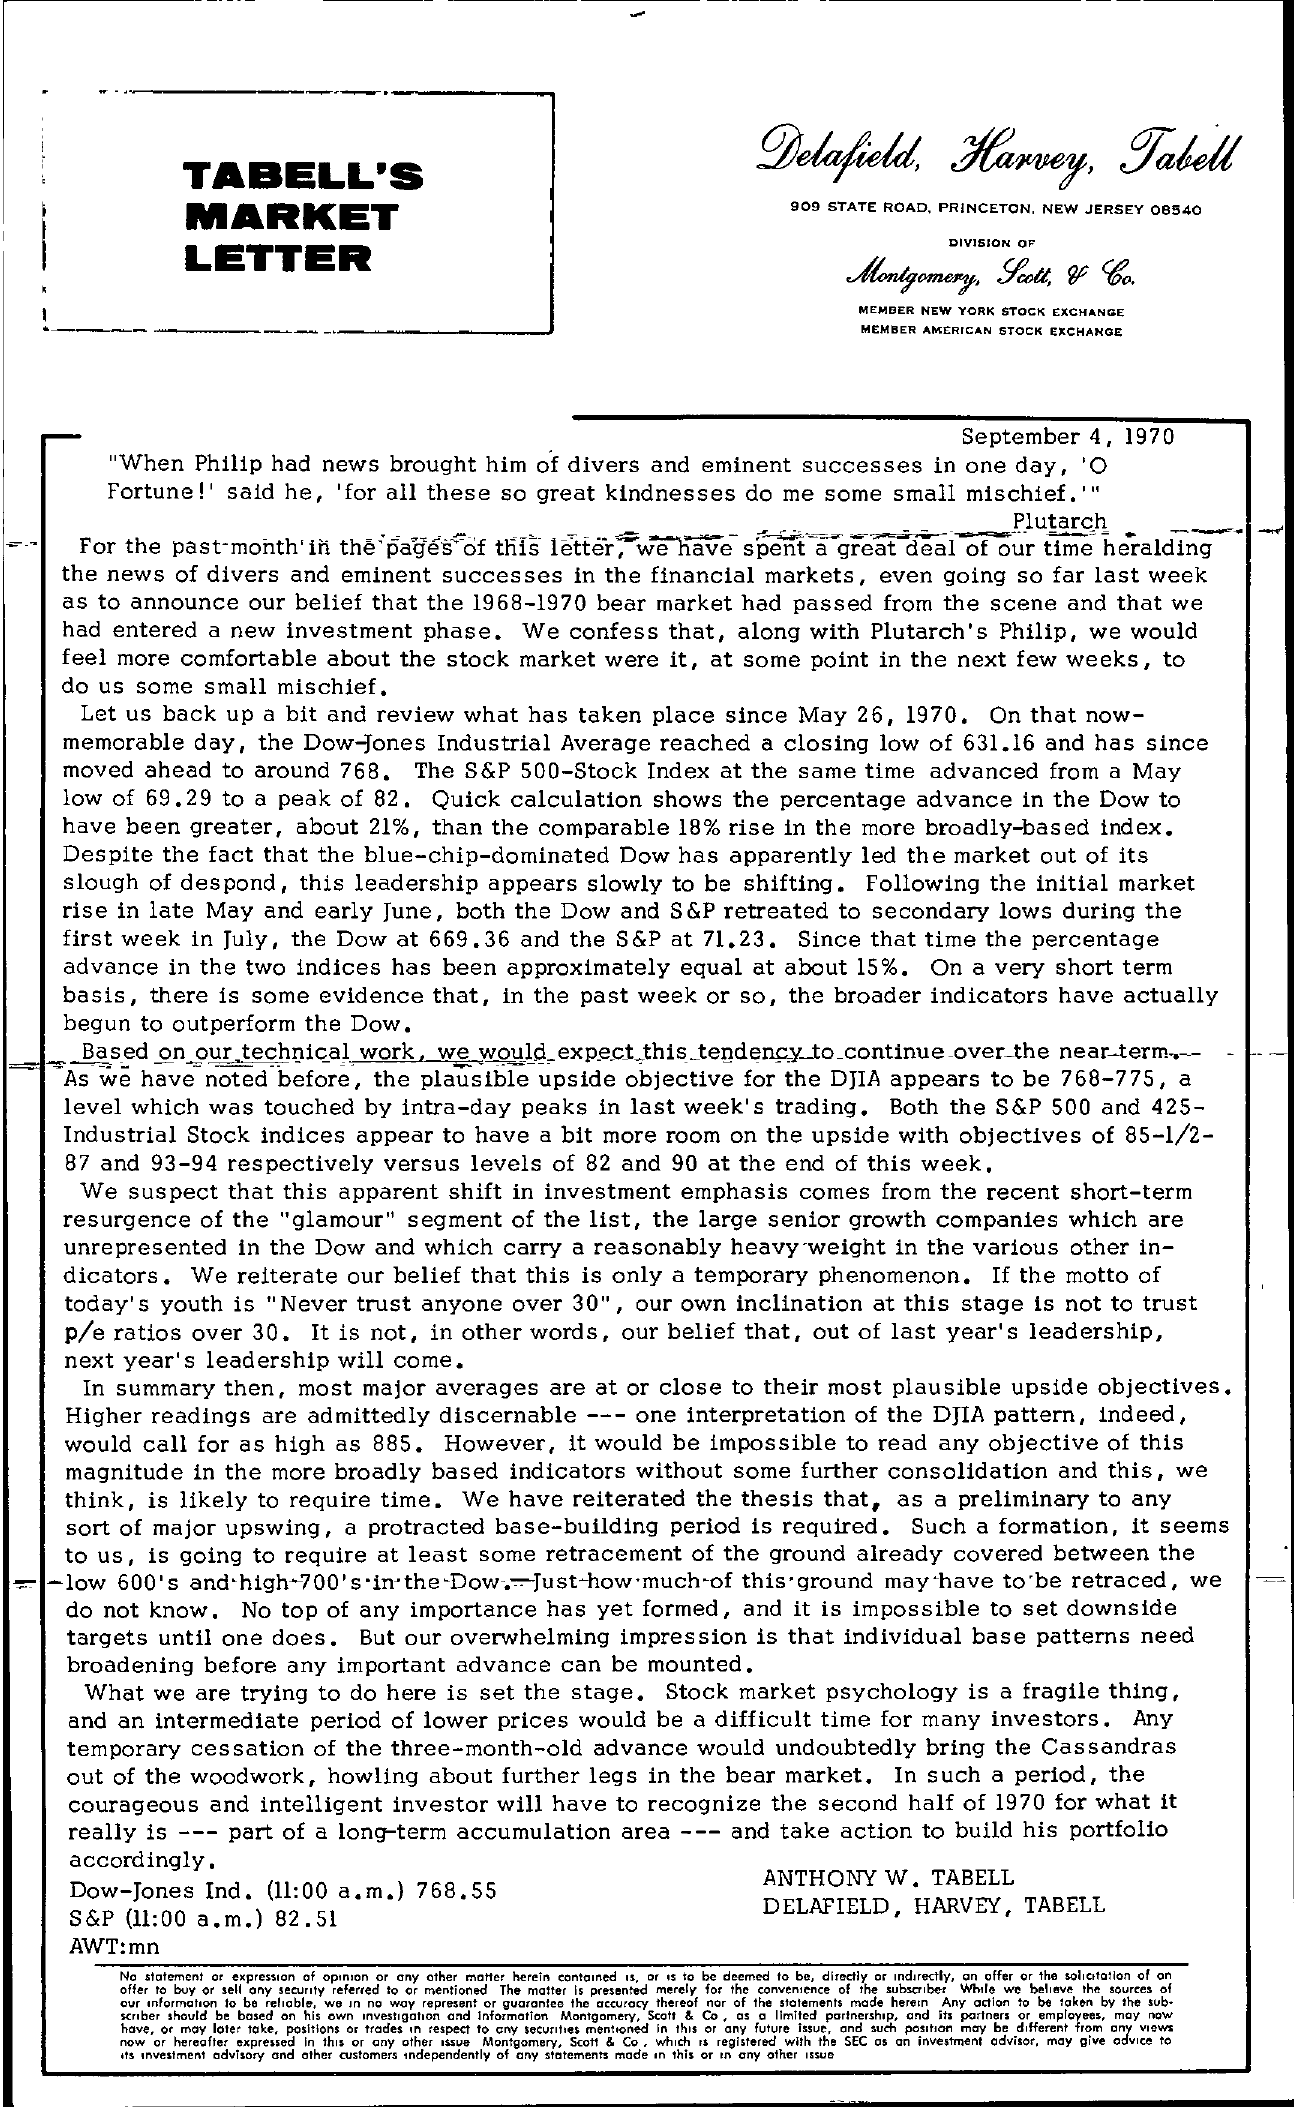 Tabell's Market Letter - September 04, 1970